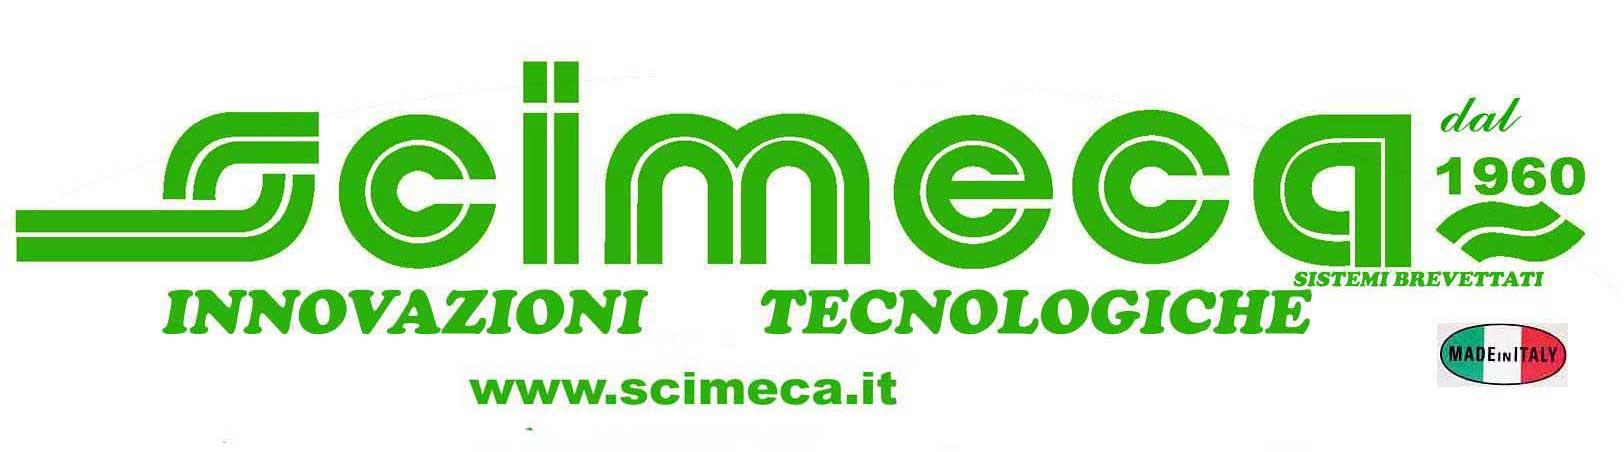 logo-sito-scimeca